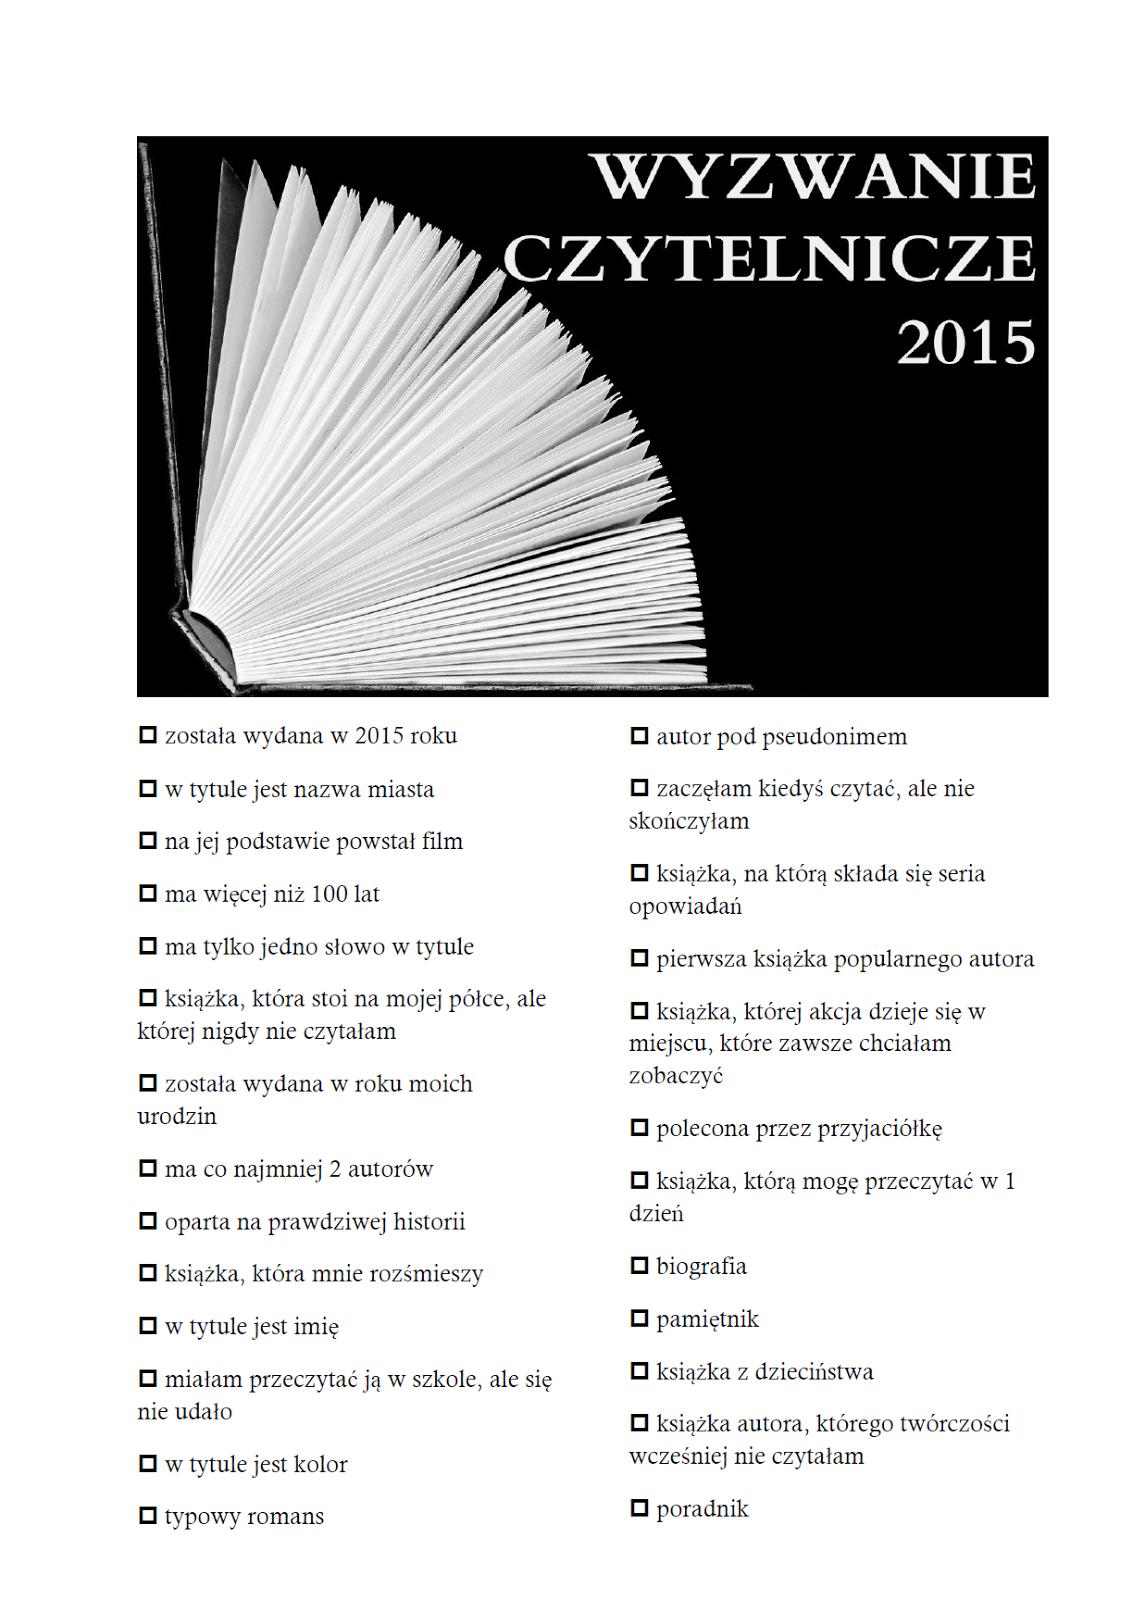 wyzwanie czytelnicze 2015- lista książek